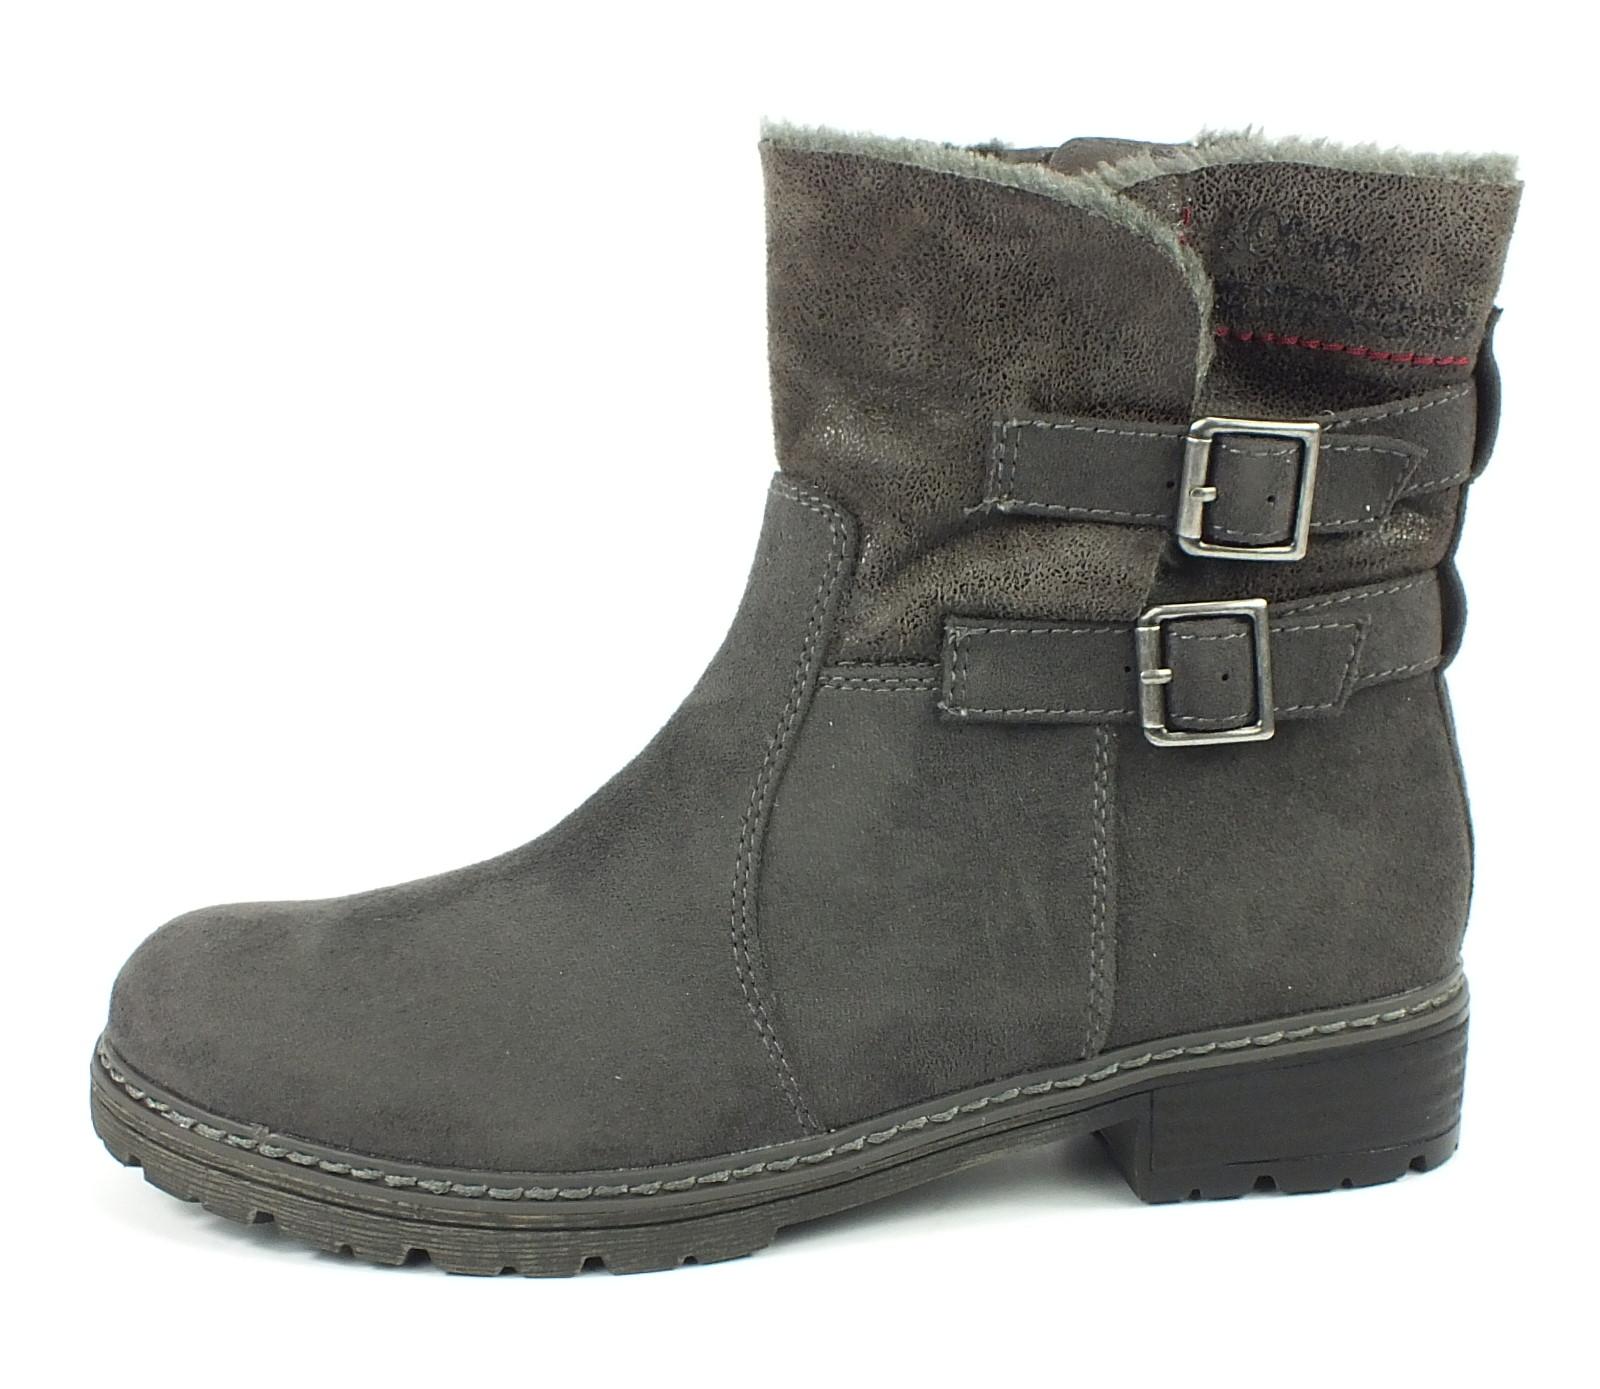 neu s oliver stiefelette boots grau 7068 ebay. Black Bedroom Furniture Sets. Home Design Ideas